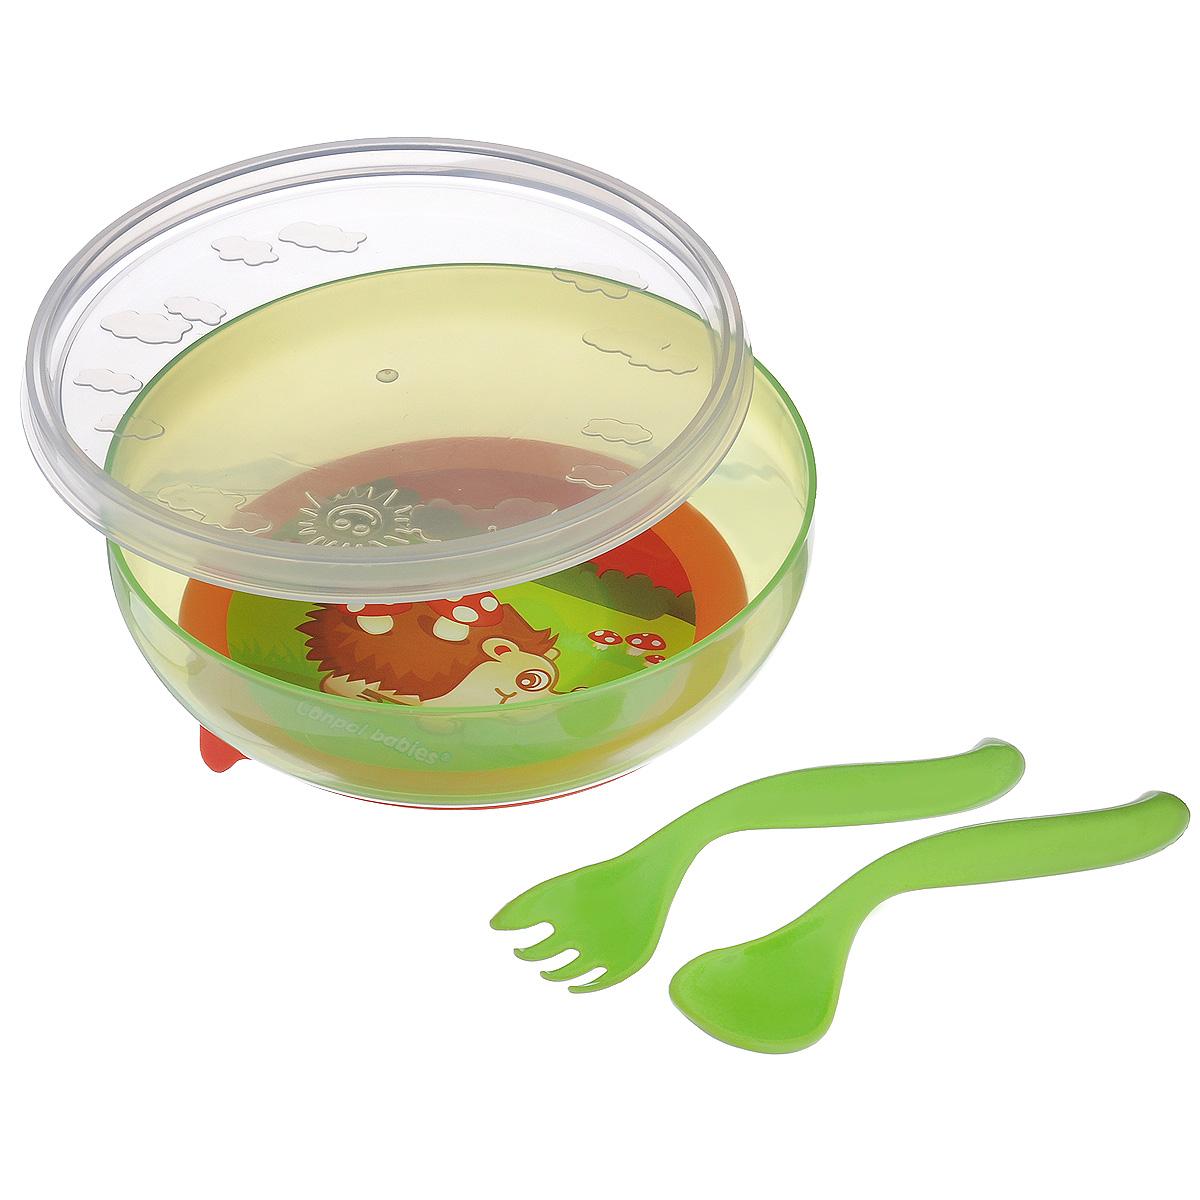 """Набор детской посуды """"Canpol Babies"""", изготовленный из прочного и безопасного полипропилена, включает в себя тарелочку с крышкой, вилку и ложку. Тарелочка с удобной присоской, идеально подойдет для кормления малыша, и самостоятельного приема им пищи. Специальная присоска фиксирует тарелочку на столе, благодаря чему она не упадет, еда не прольется. Изделие оформлено ярким рисунком. В комплект к тарелочке входит крышка, которая позволит сохранить остатки еды. Ручки ложечки и вилки специальной формы, благодаря которой малышу будет удобно кушать самостоятельно. Объем тарелки: 450 мл."""